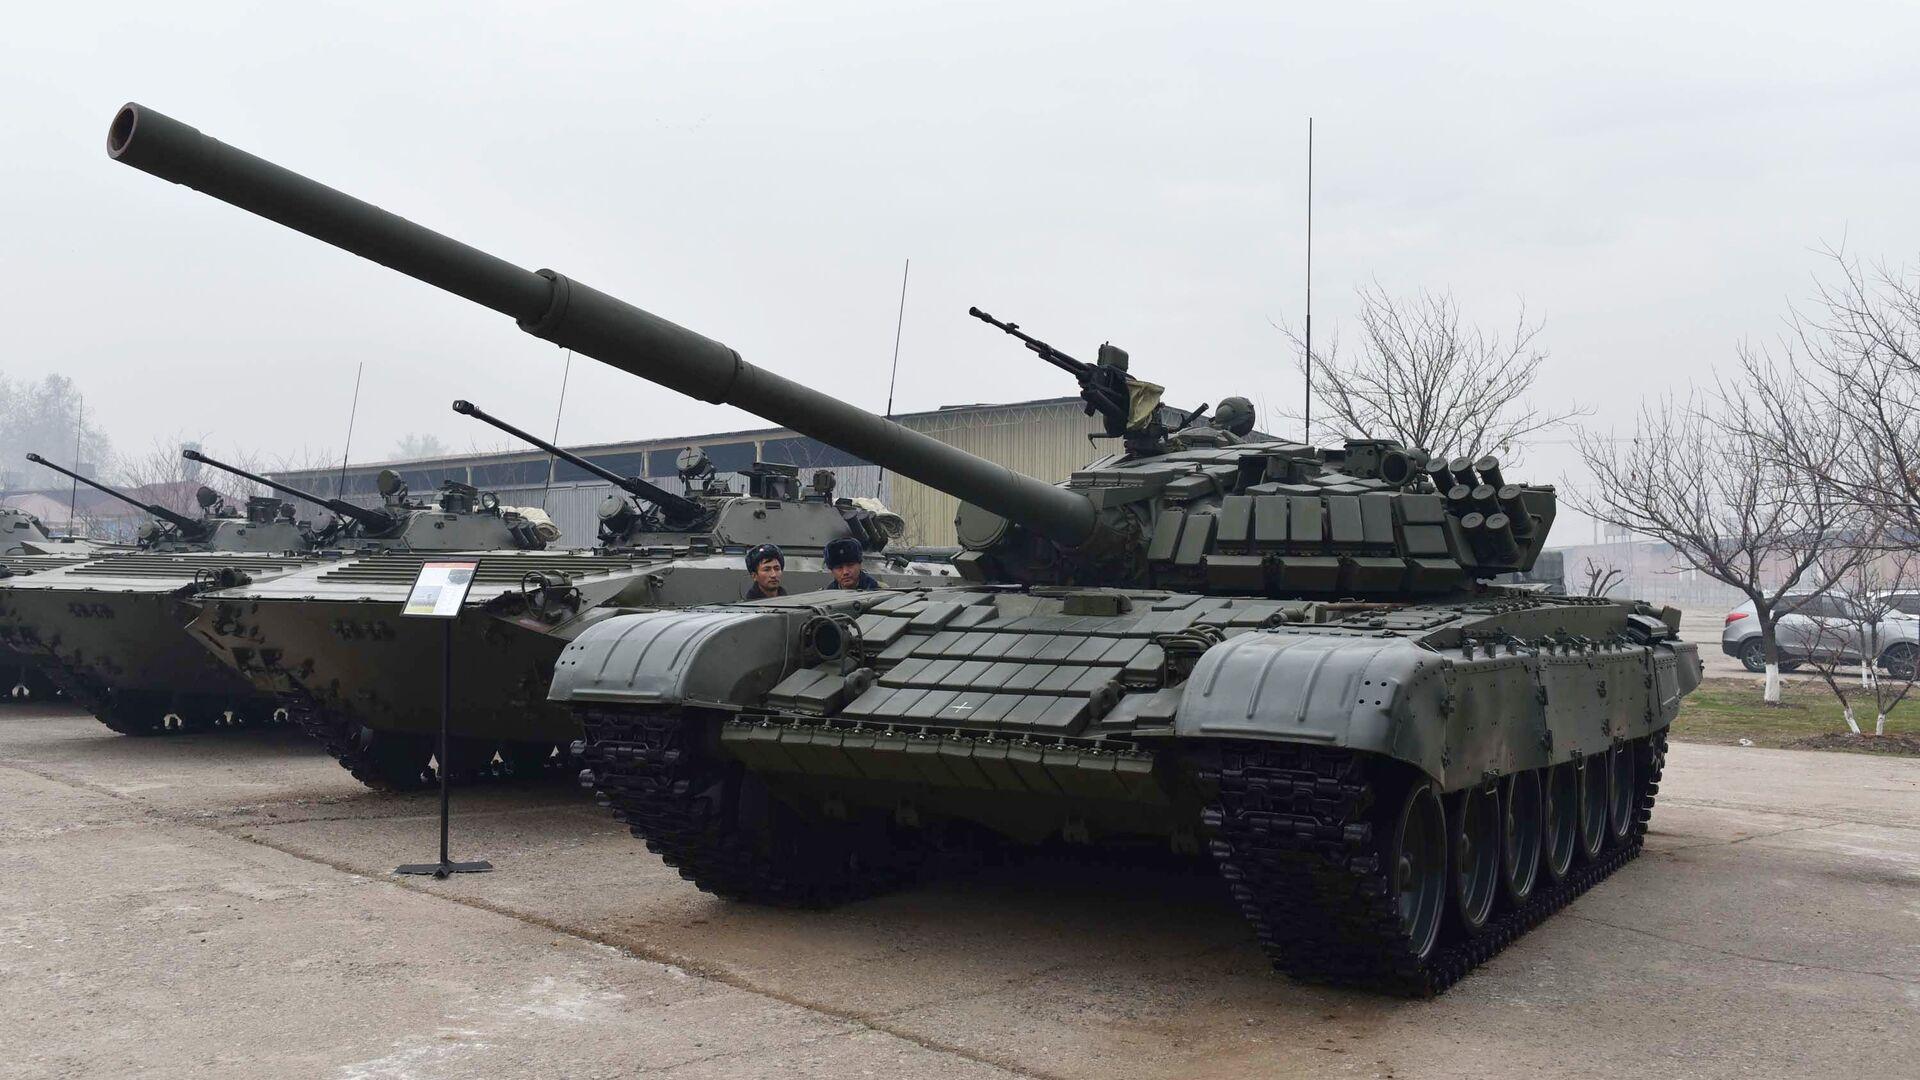 На российскую базу в Таджикистане поступят 30 новых танков до конца года